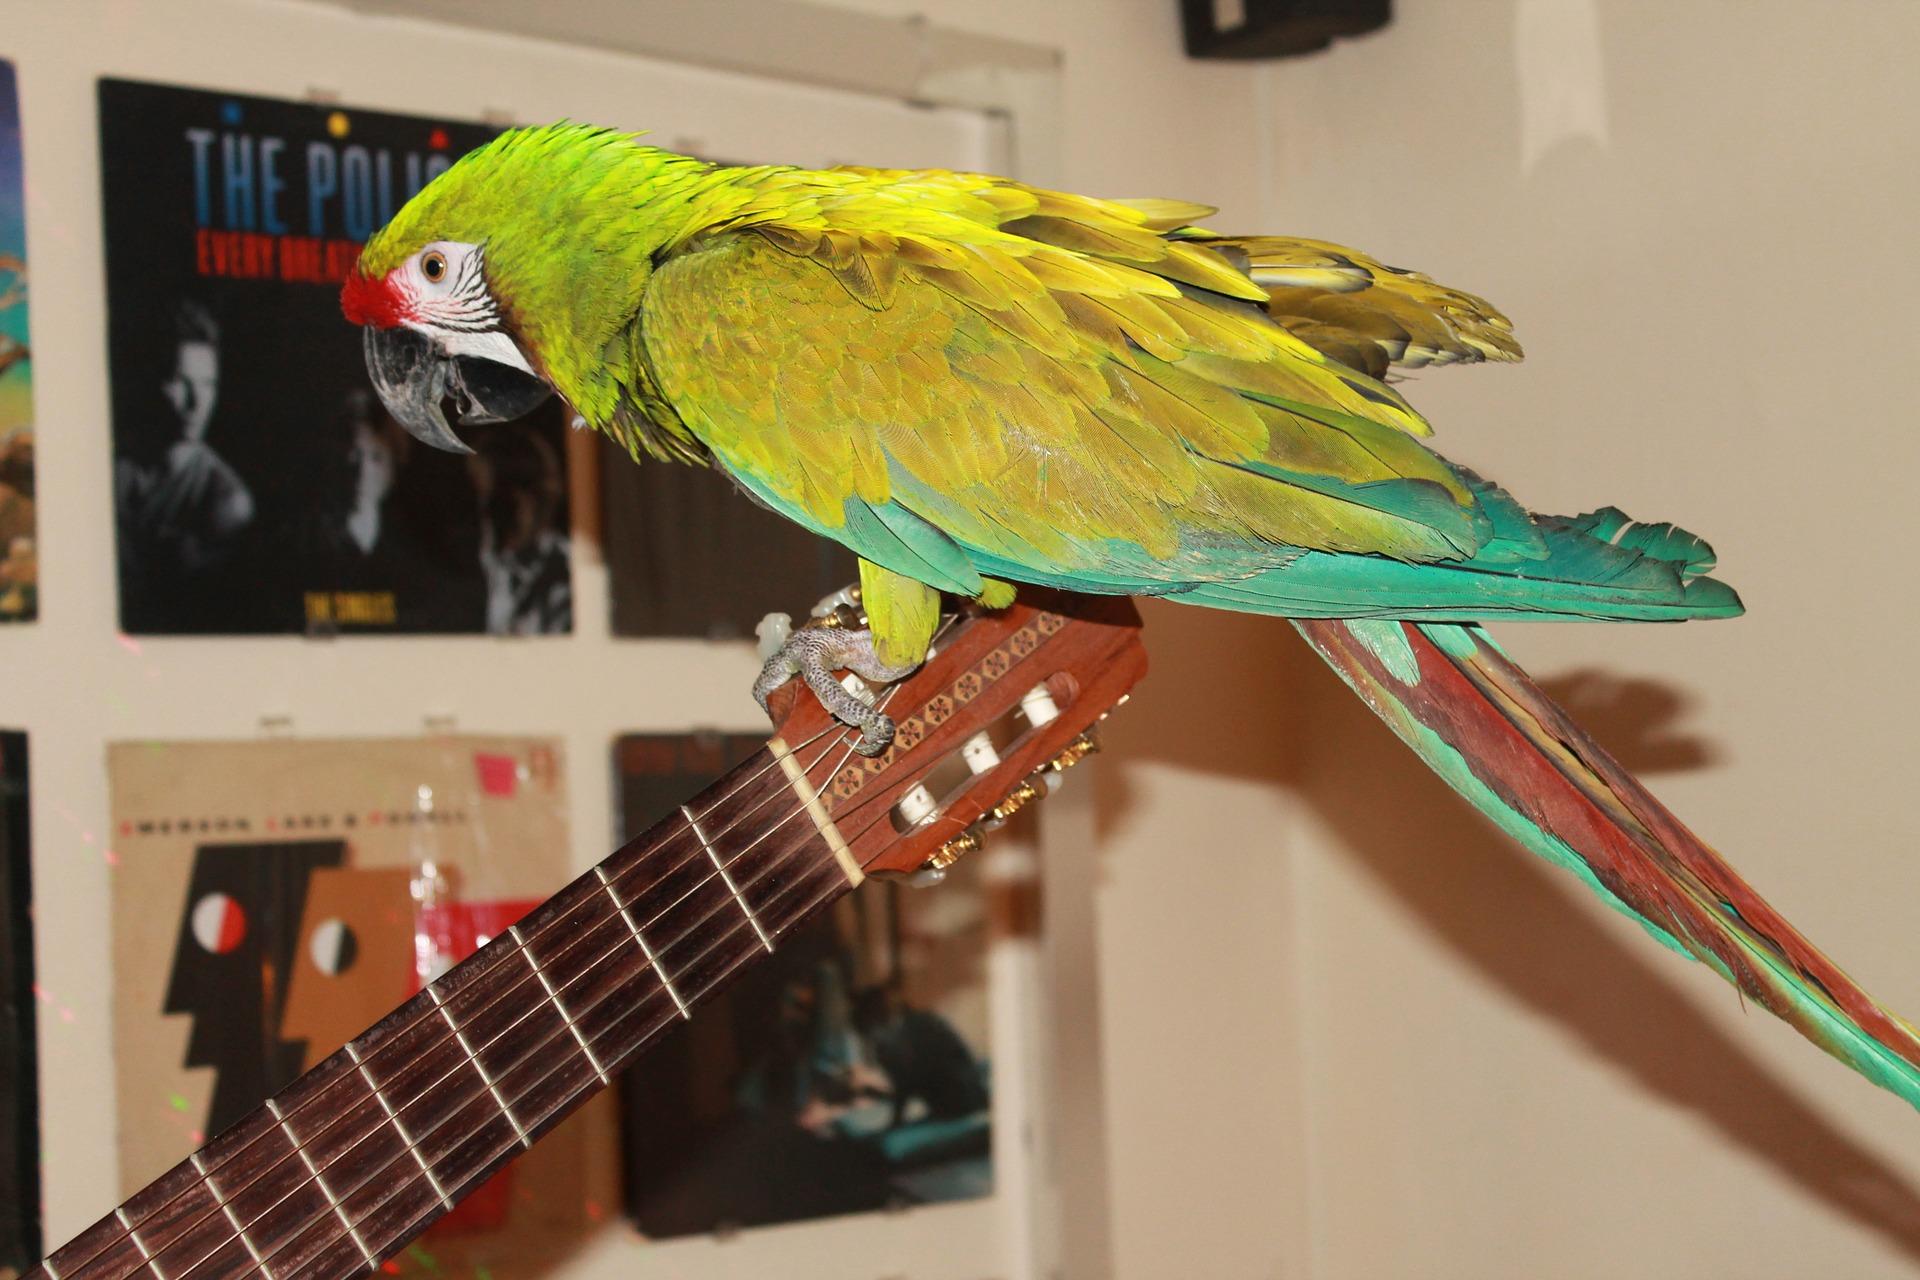 ara assis sur la guitare de son propriétaire d'oiseau